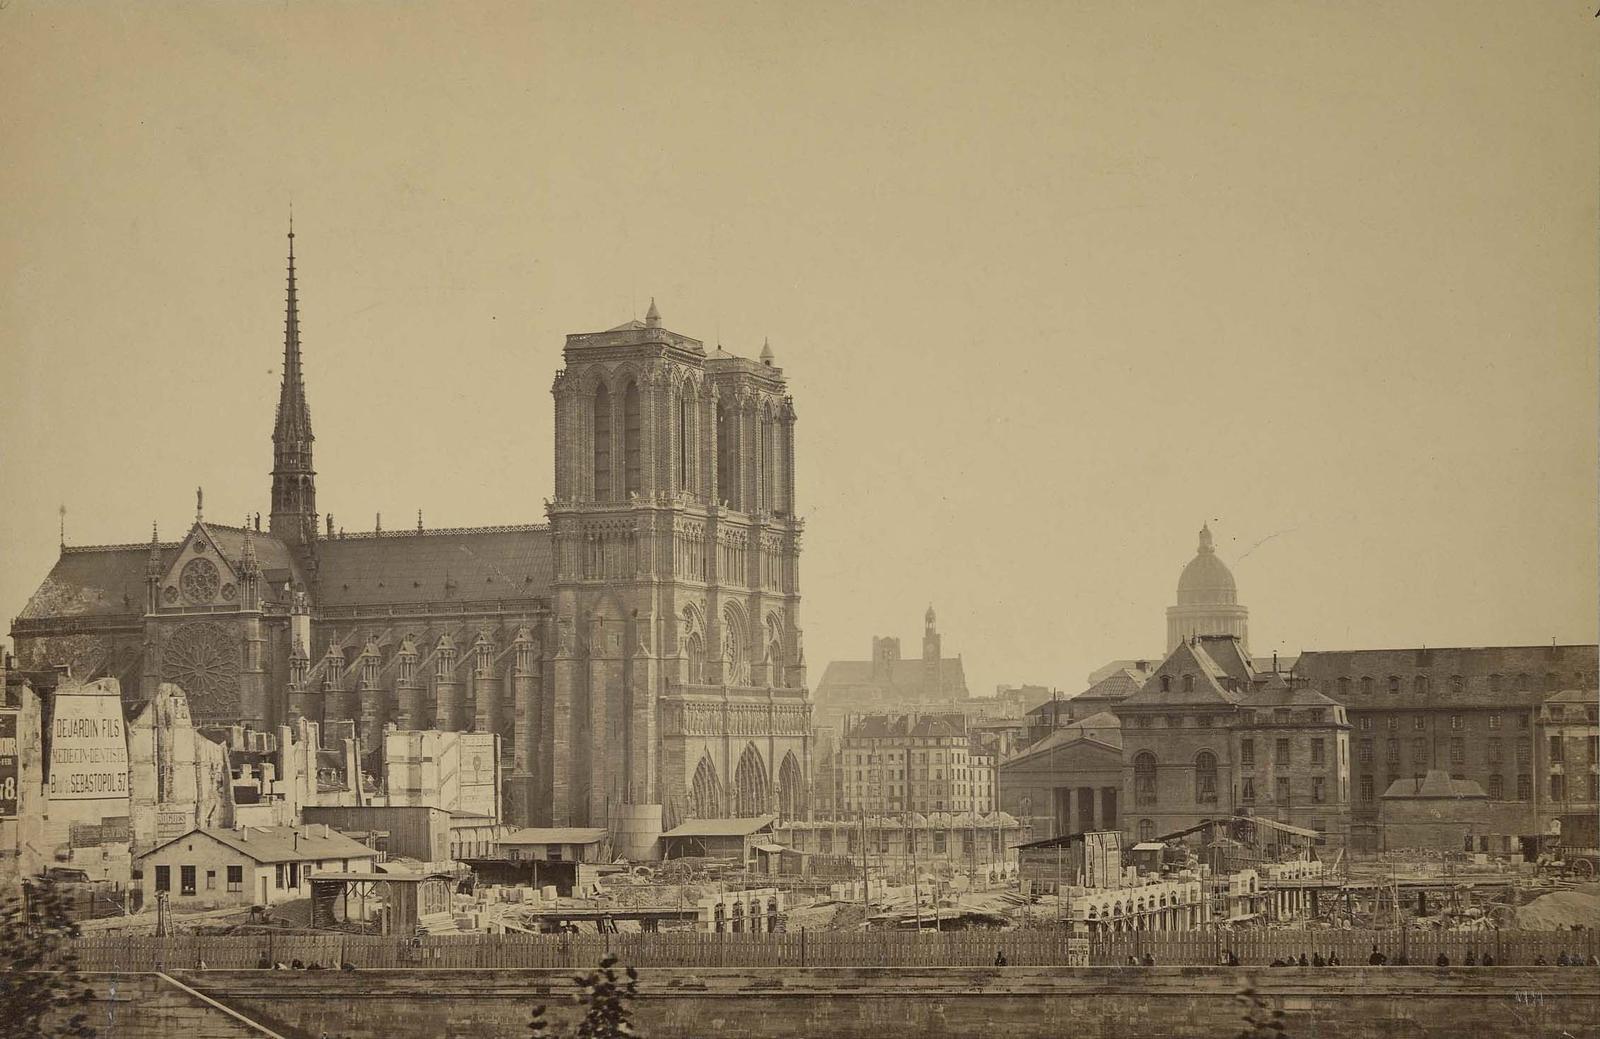 Photographie de la cathédrale Notre-Dame de Paris - Collard 1867-1878